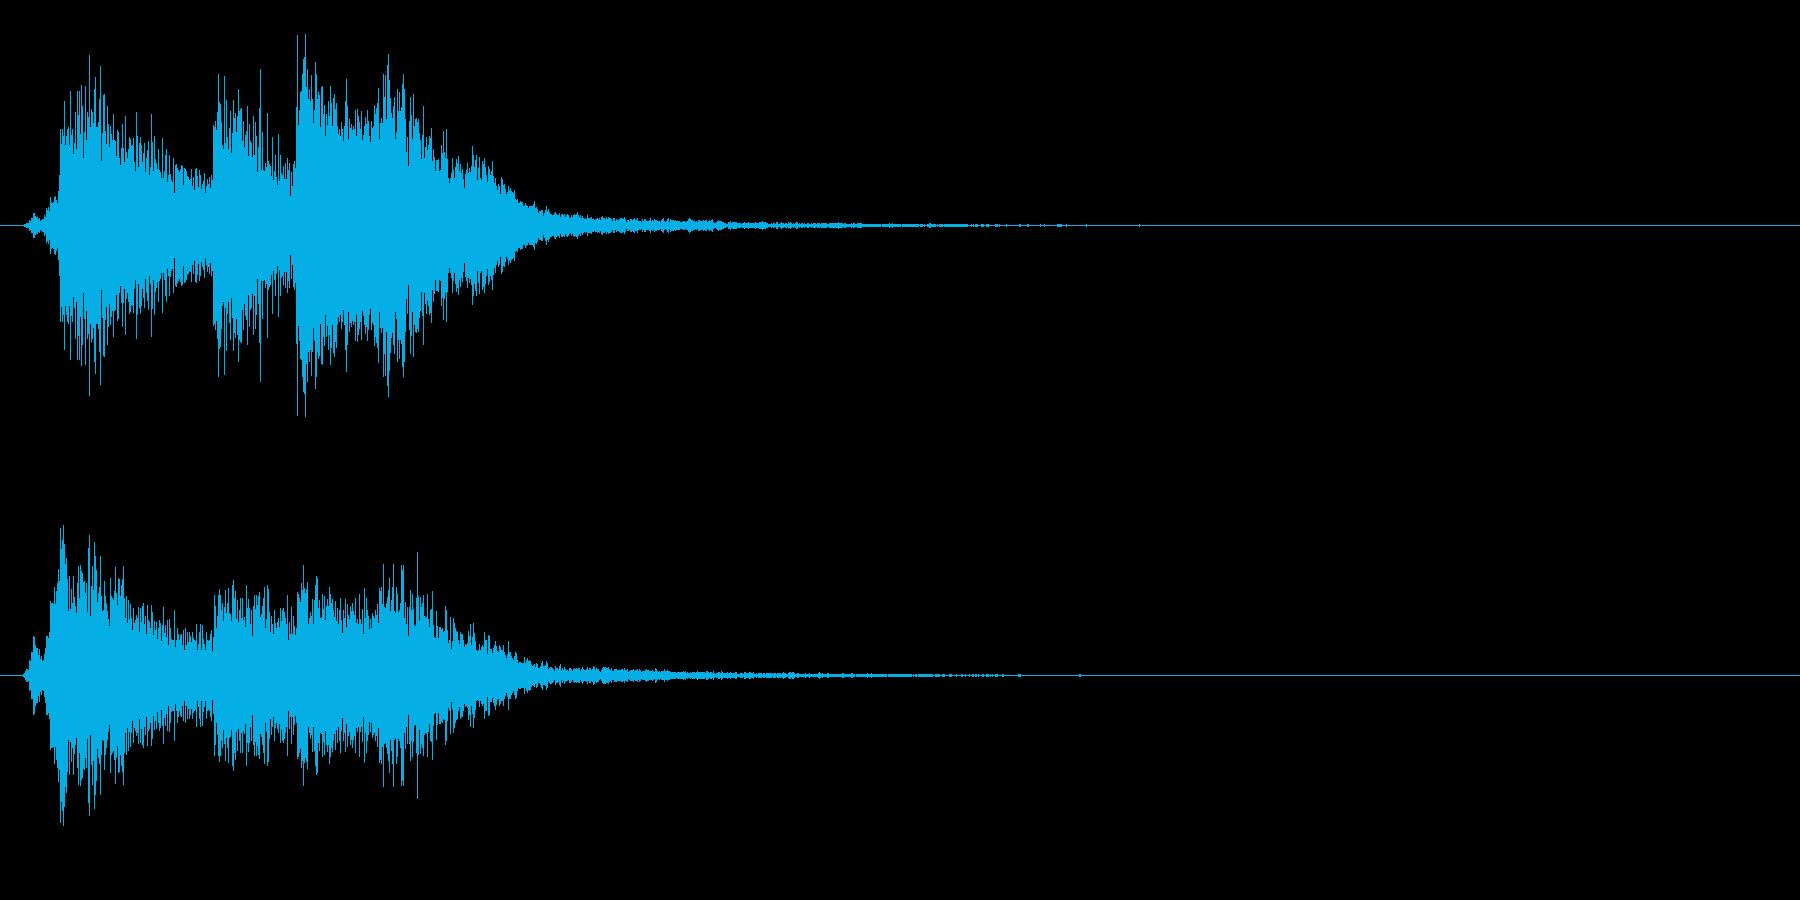 バロック3 スタート音 豪華決定音の再生済みの波形